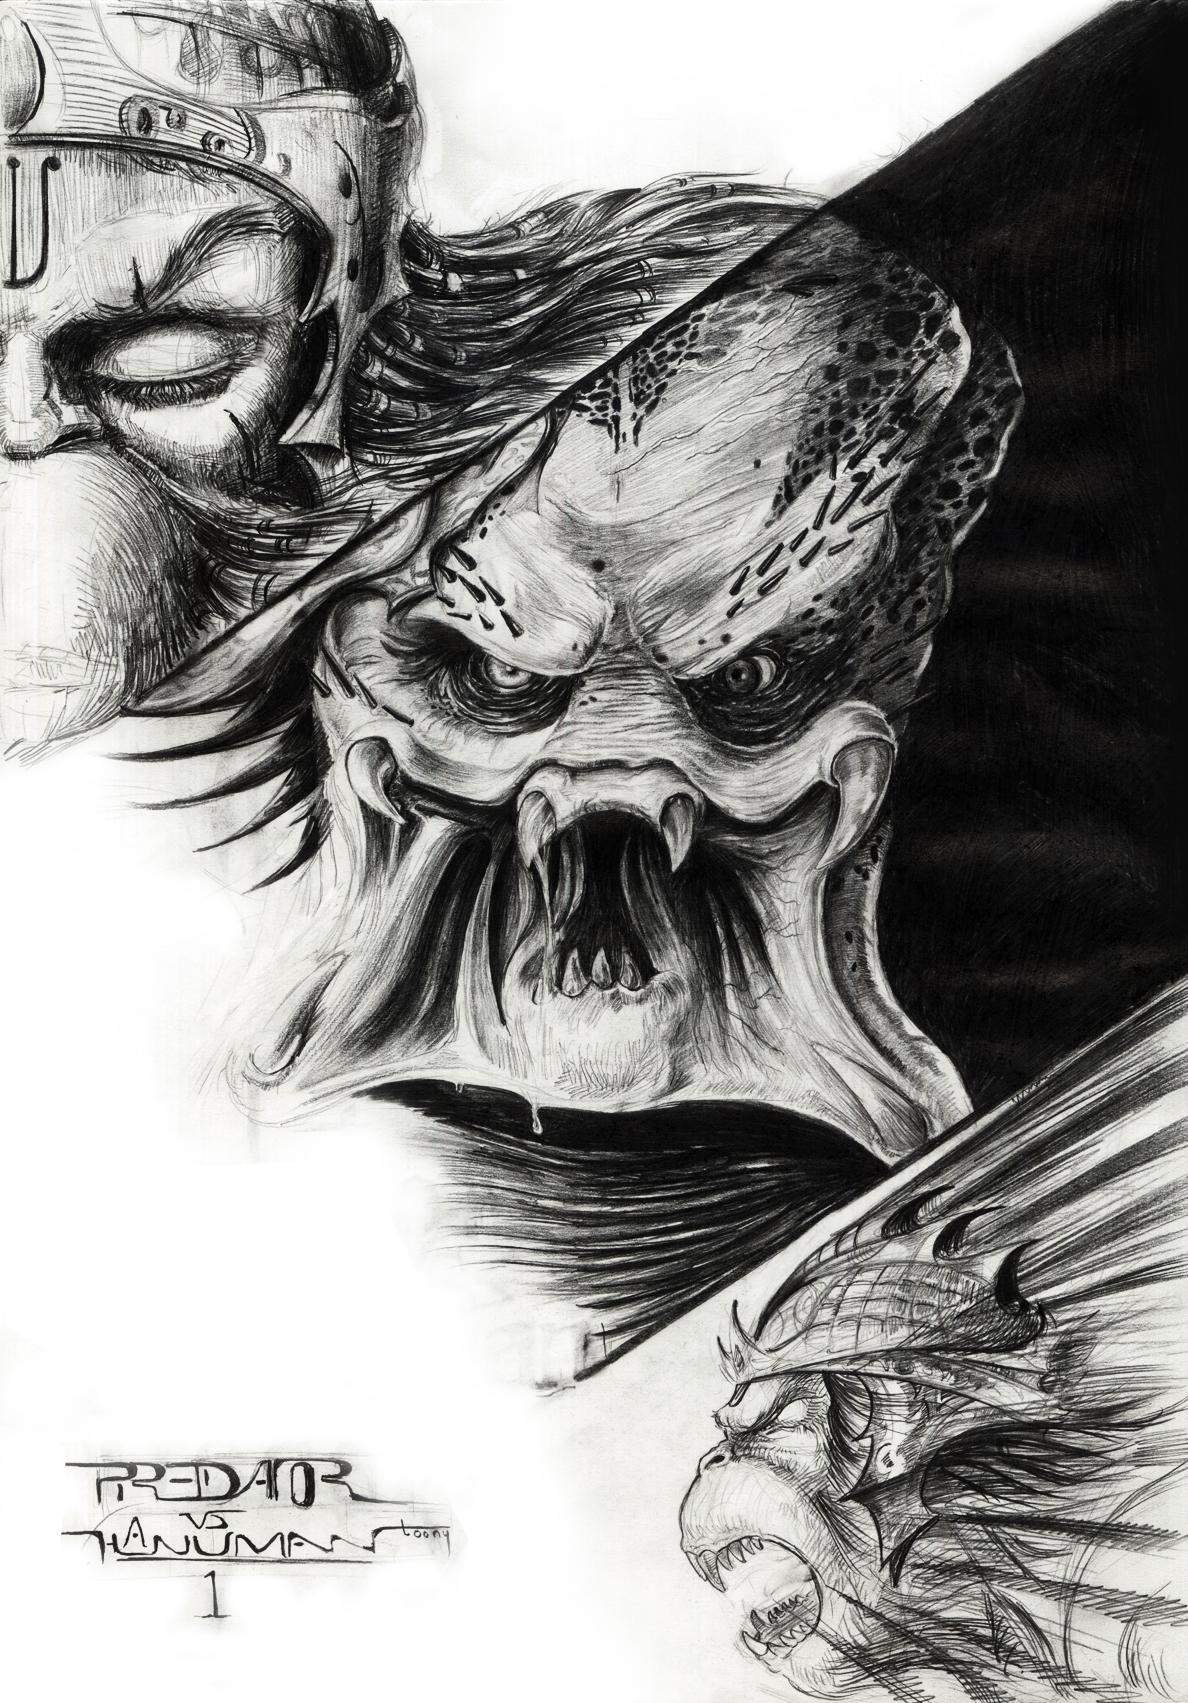 Drawn predator pencil Vs Hanuman1 Predator Predator Predator